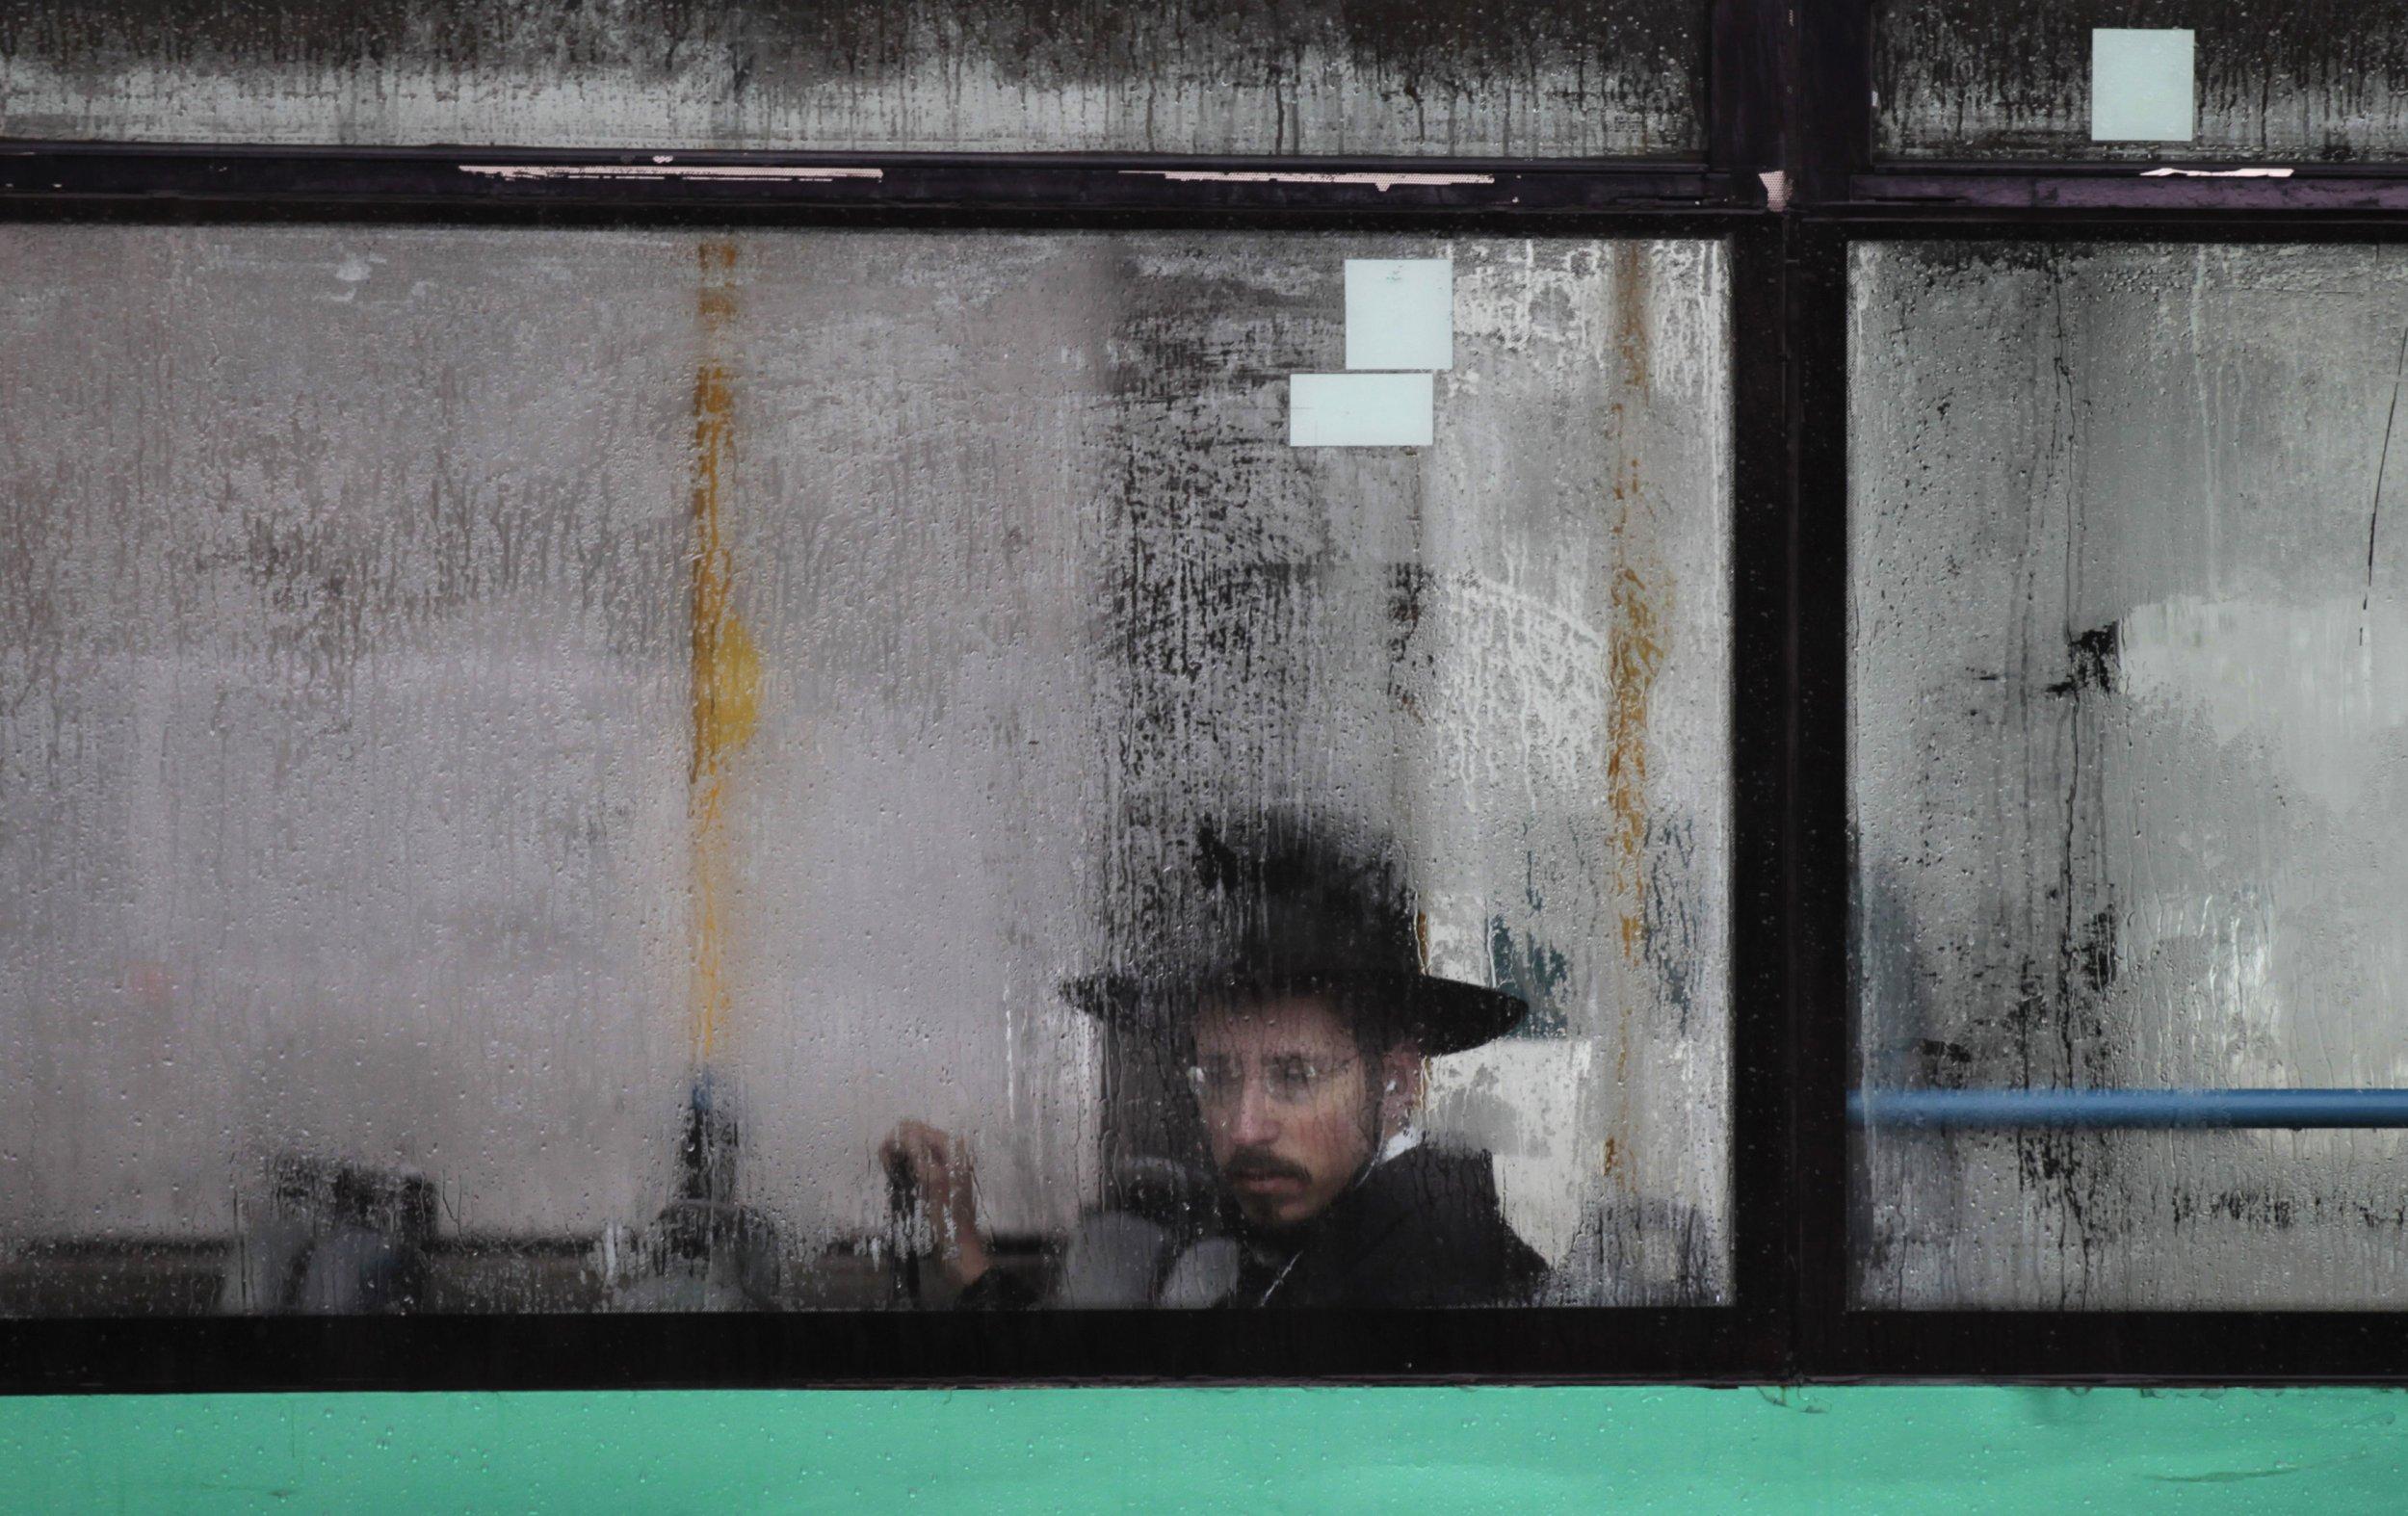 0107_Israel_Bus_Arab_Jew_01